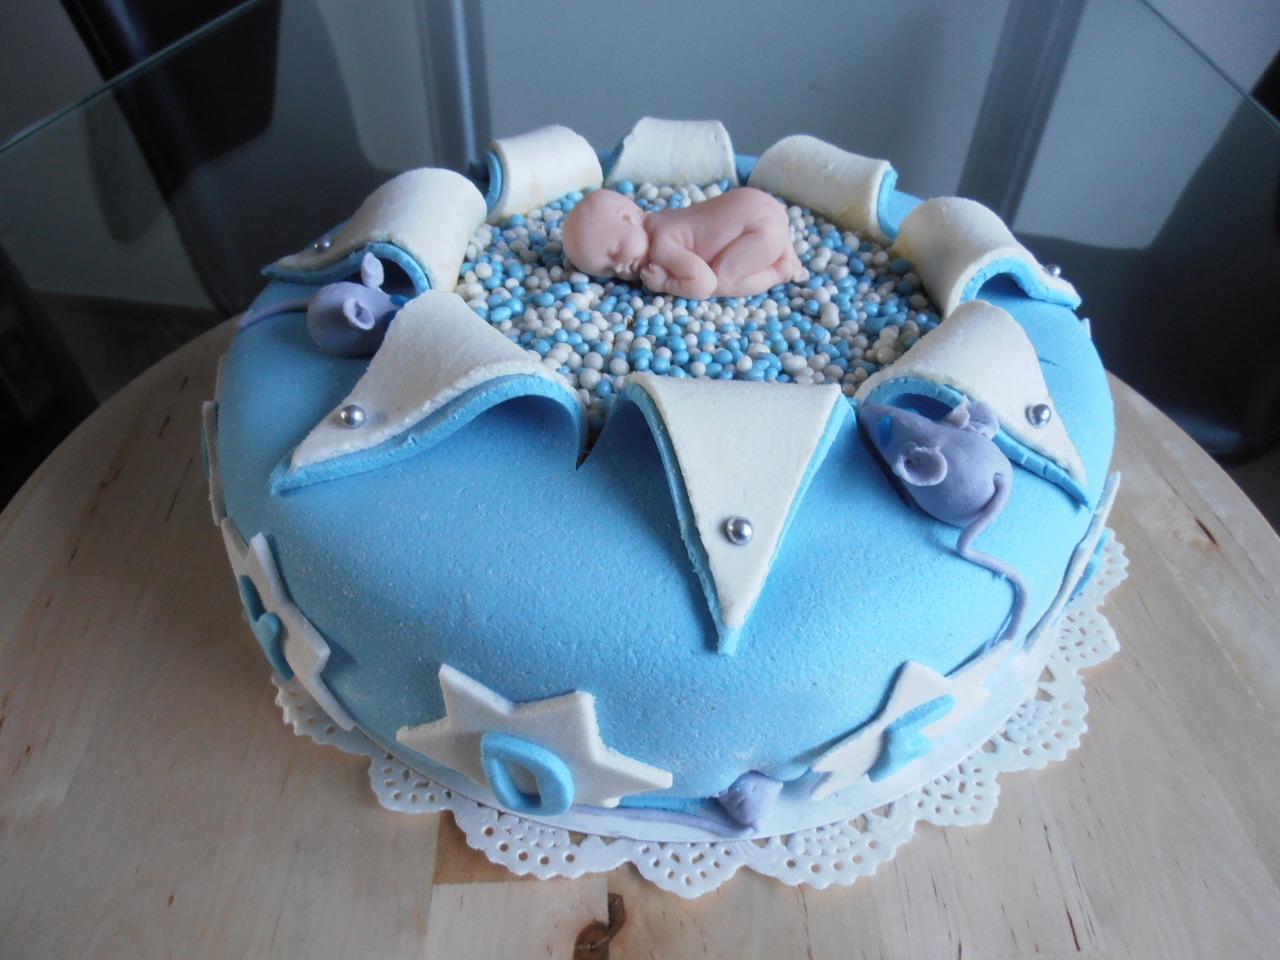 mooie taart bakken Open taart maken | Taarten maken, taart bakken en cupcakes  mooie taart bakken